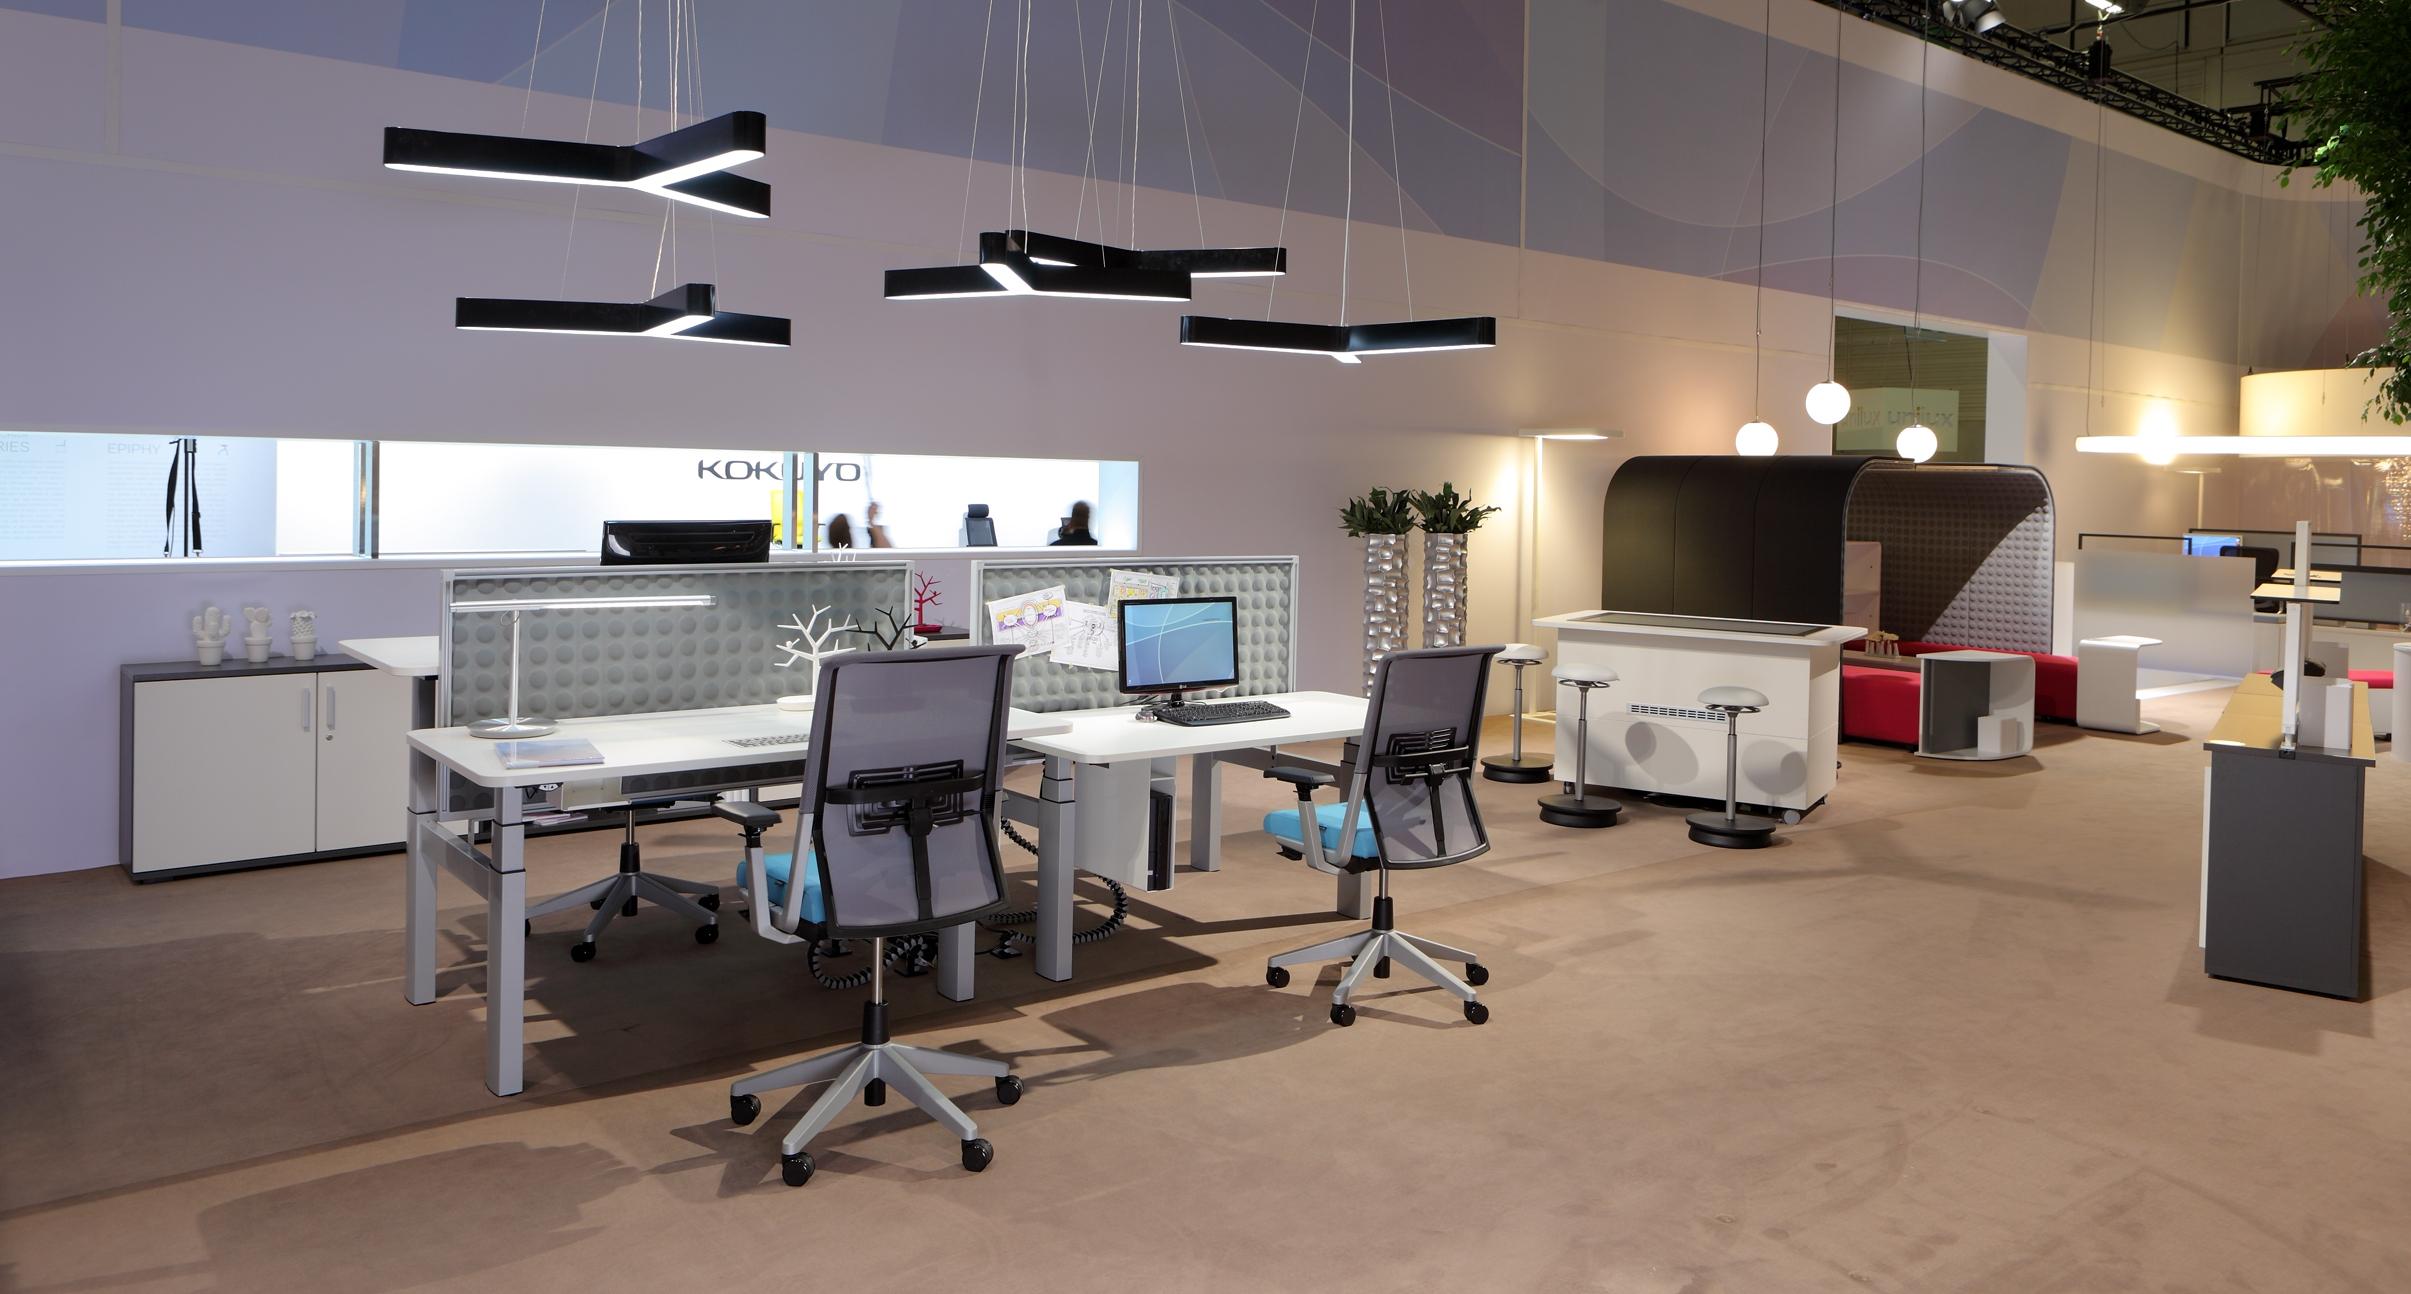 oficinas modernas y de dise o espaciobetty madrid